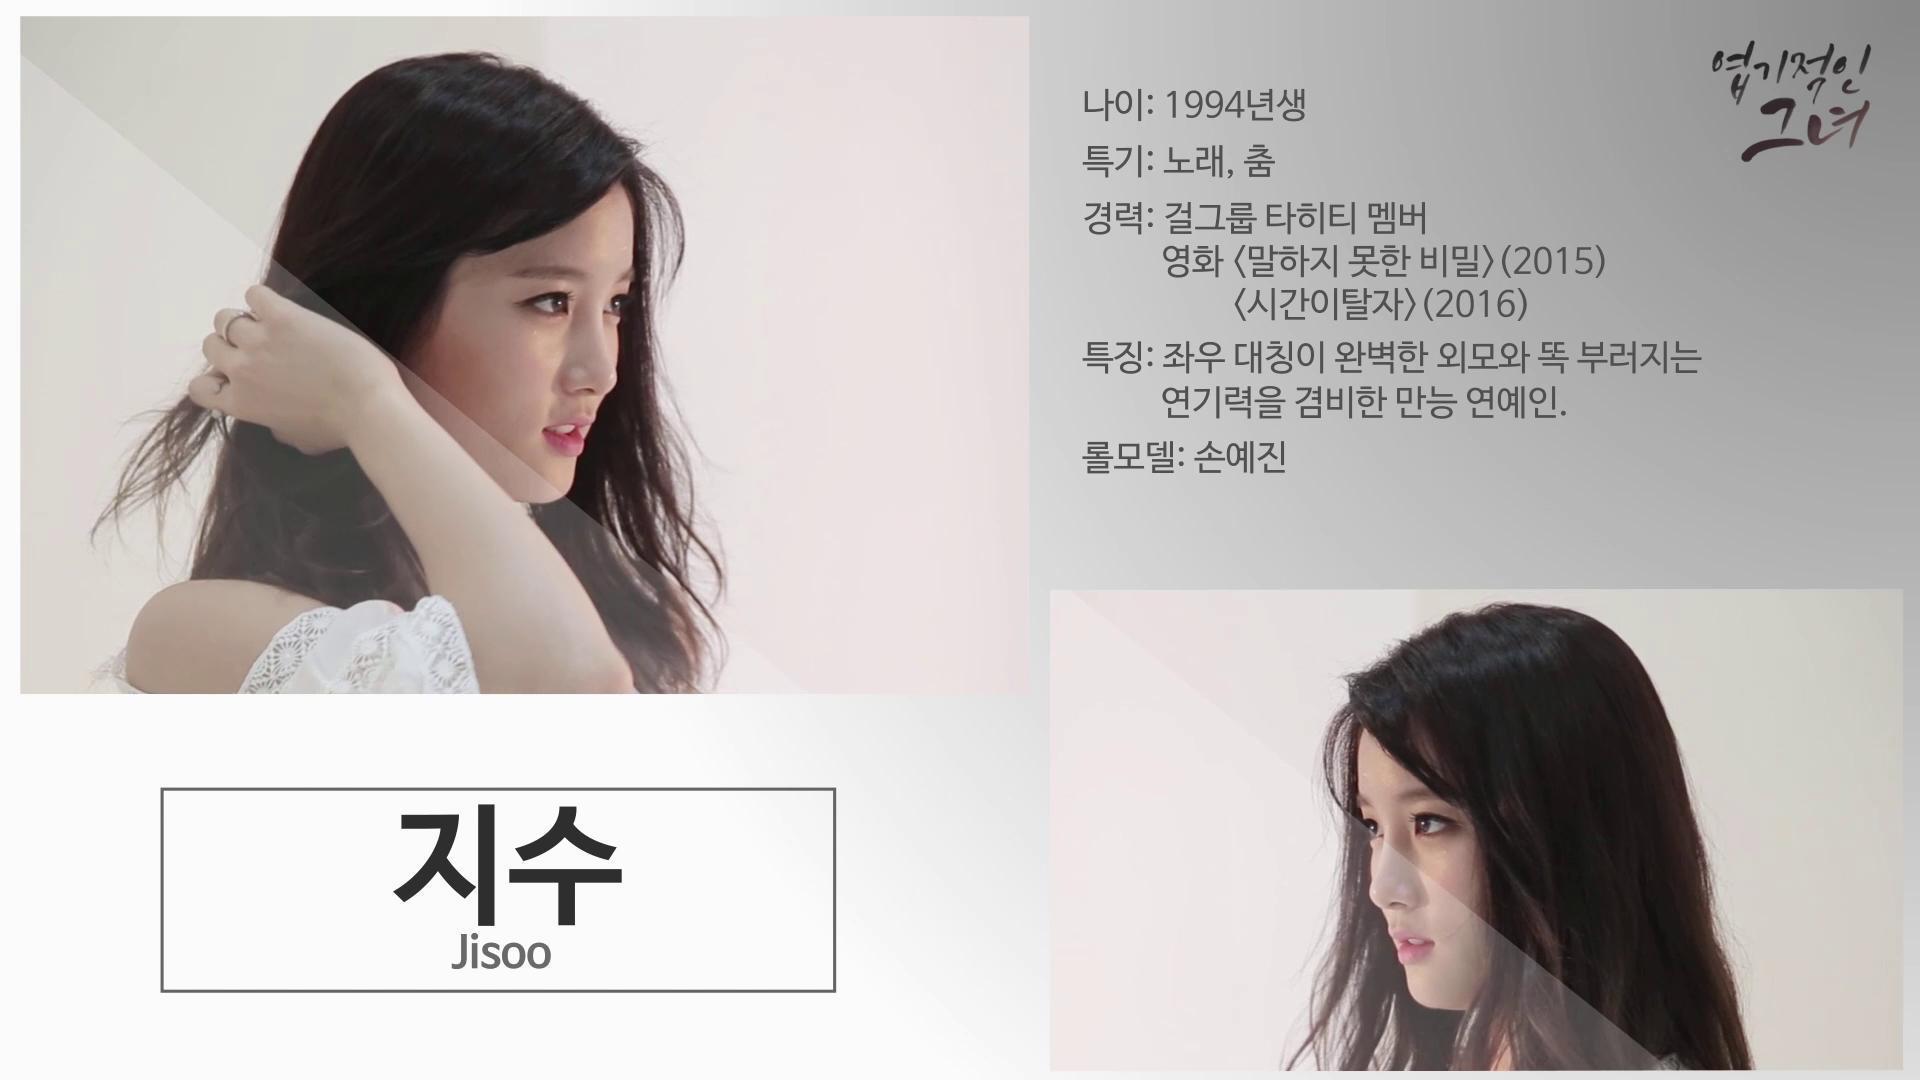 [엽기적인 그녀] 지수 자기소개 영상 (선공개)